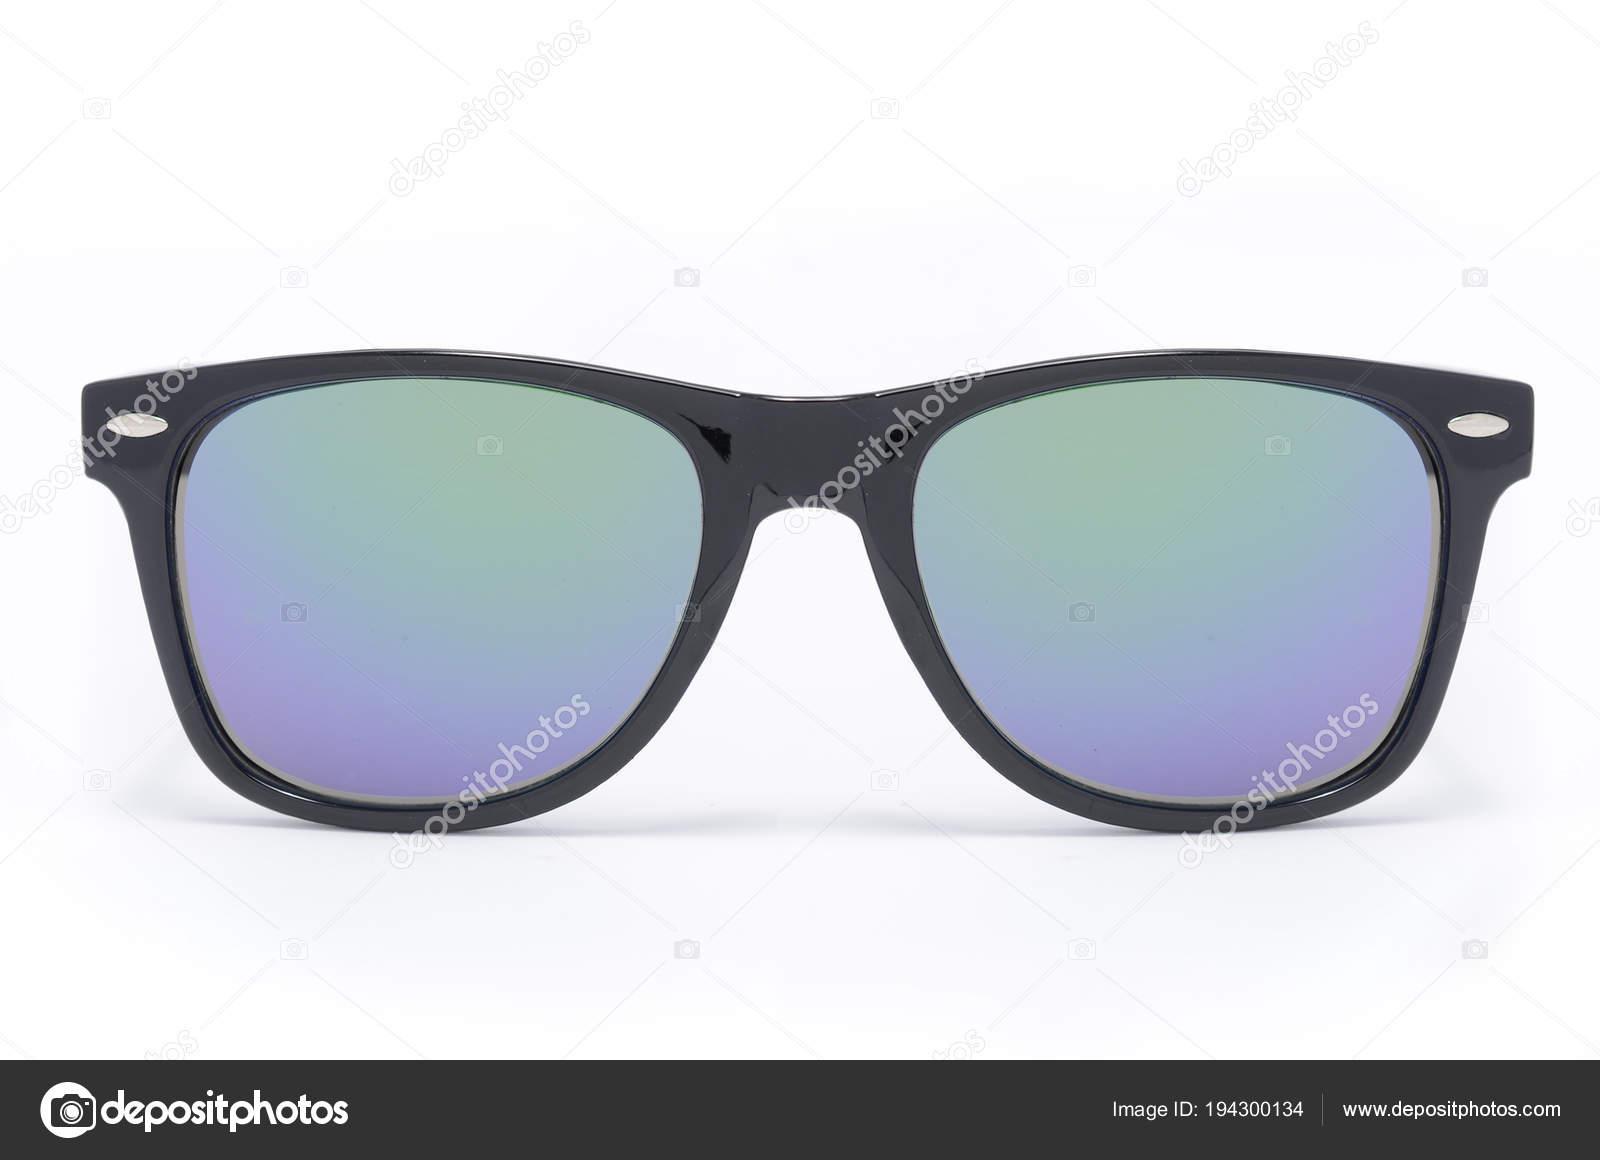 gafas de sol en el marco de plástico negro grueso con cristal ...